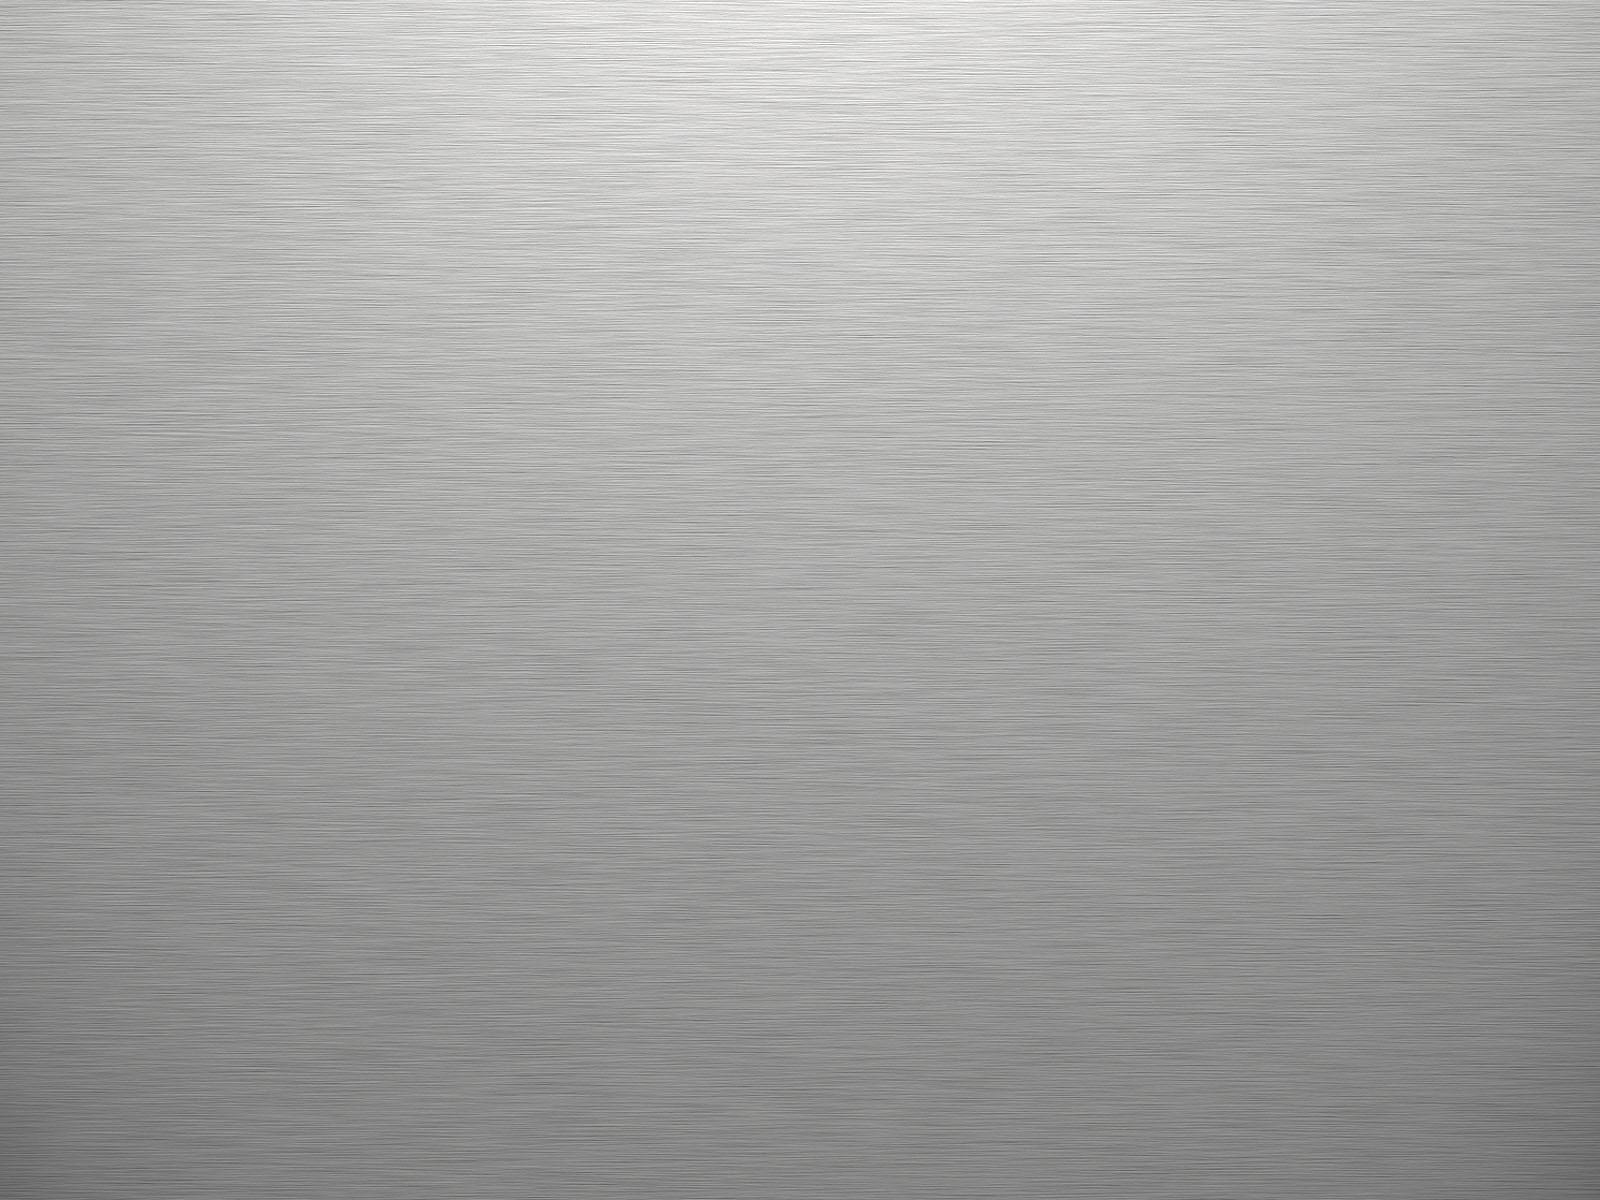 Metal Texture PLUS Metal Grid